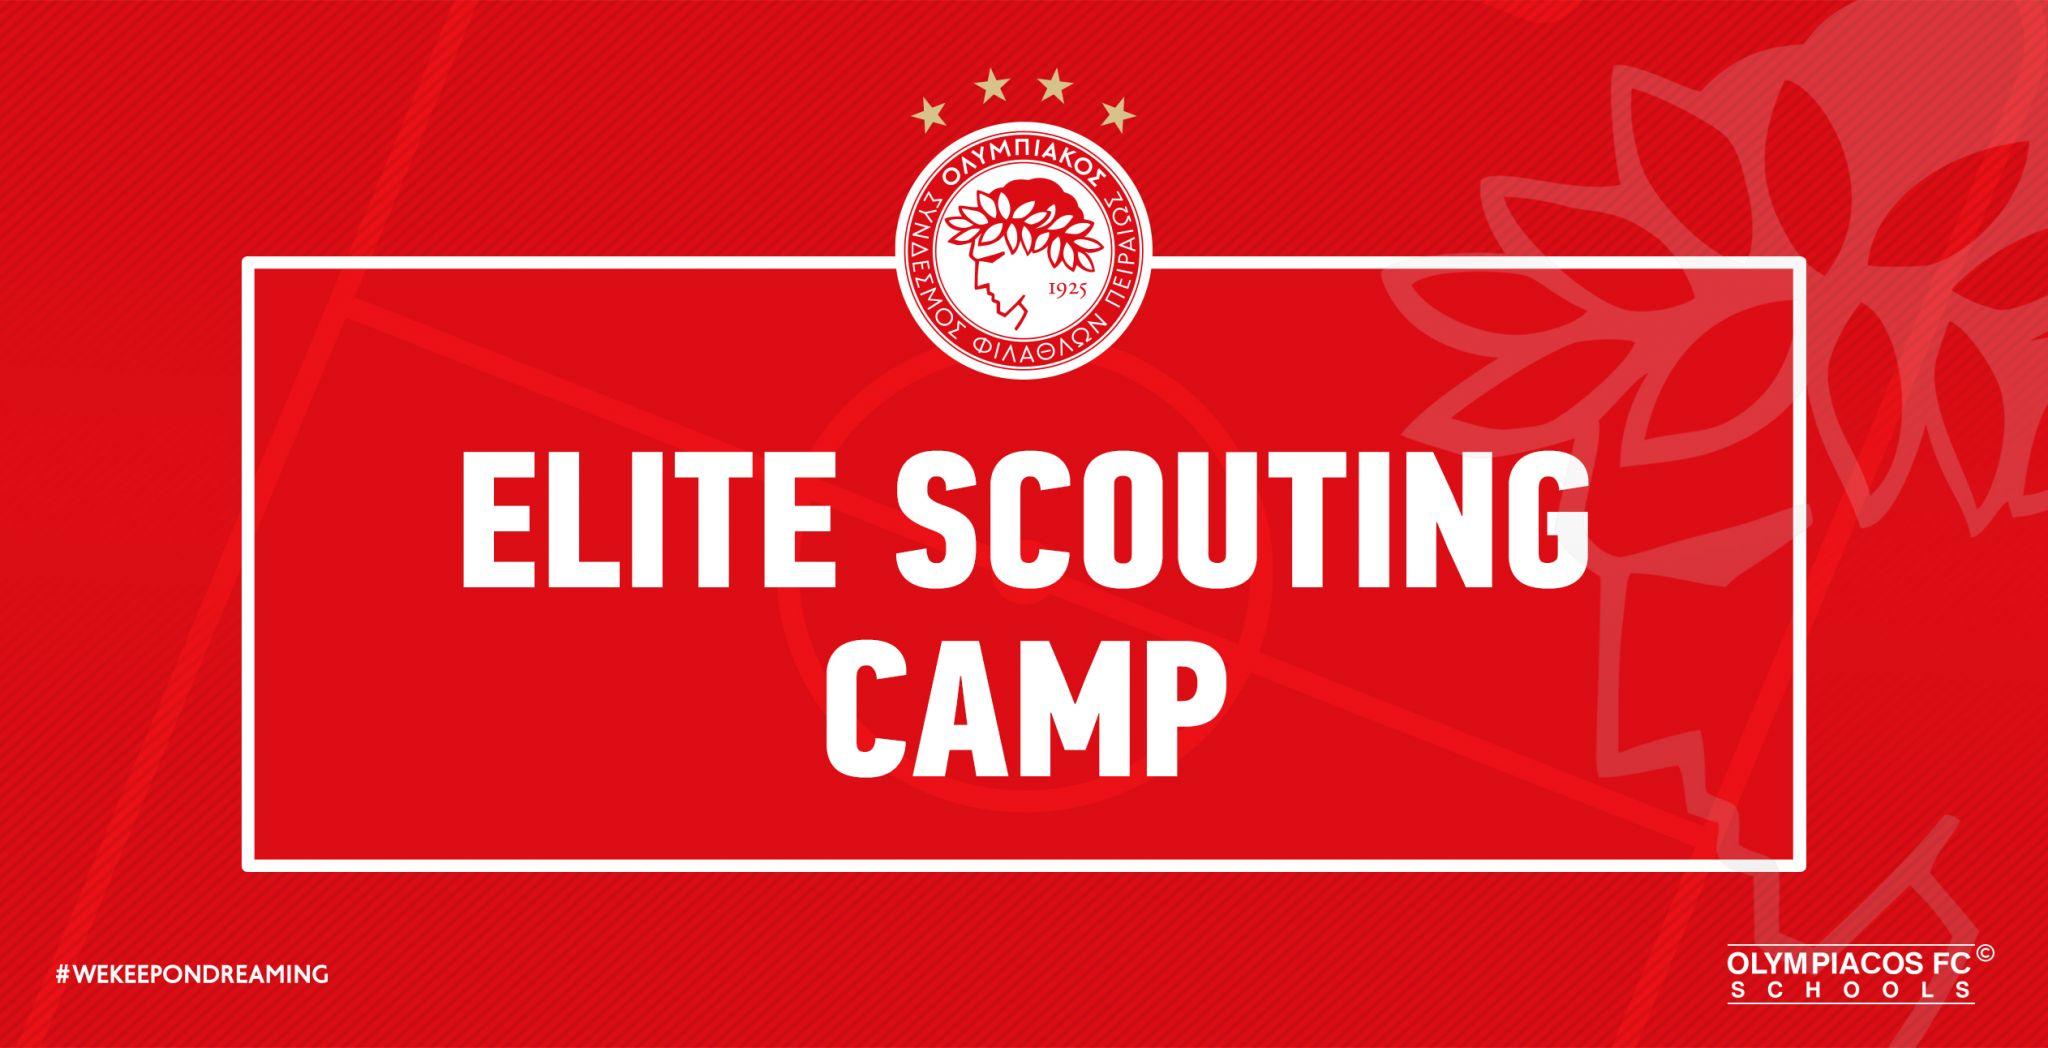 Elite scouting camps σε Ίλιον και Χαλκίδα